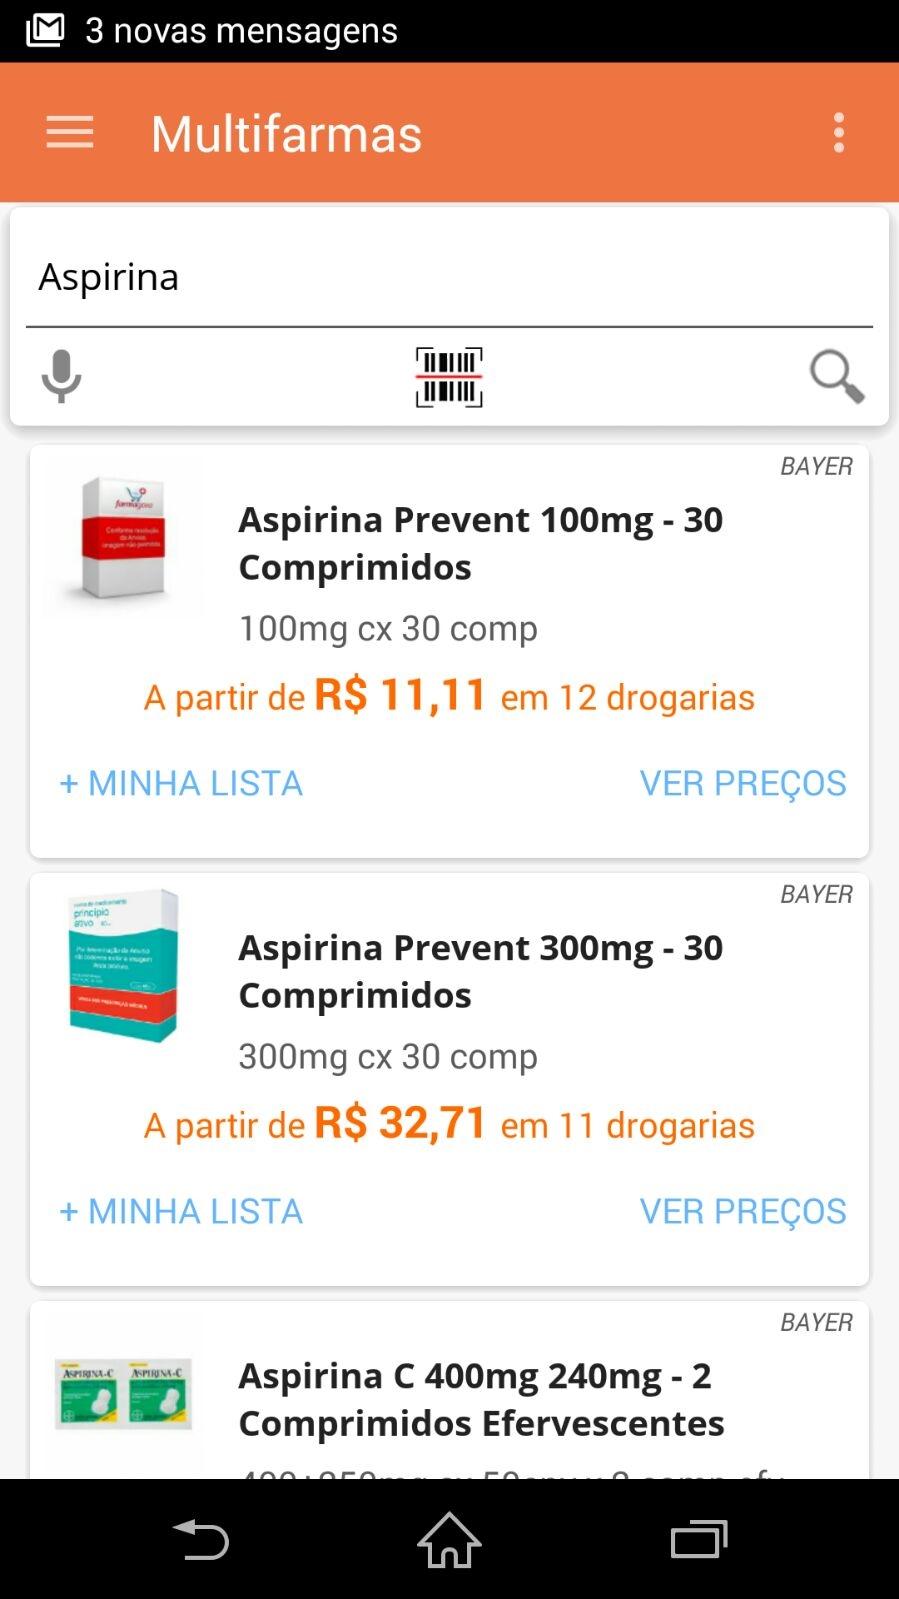 Multifarmas